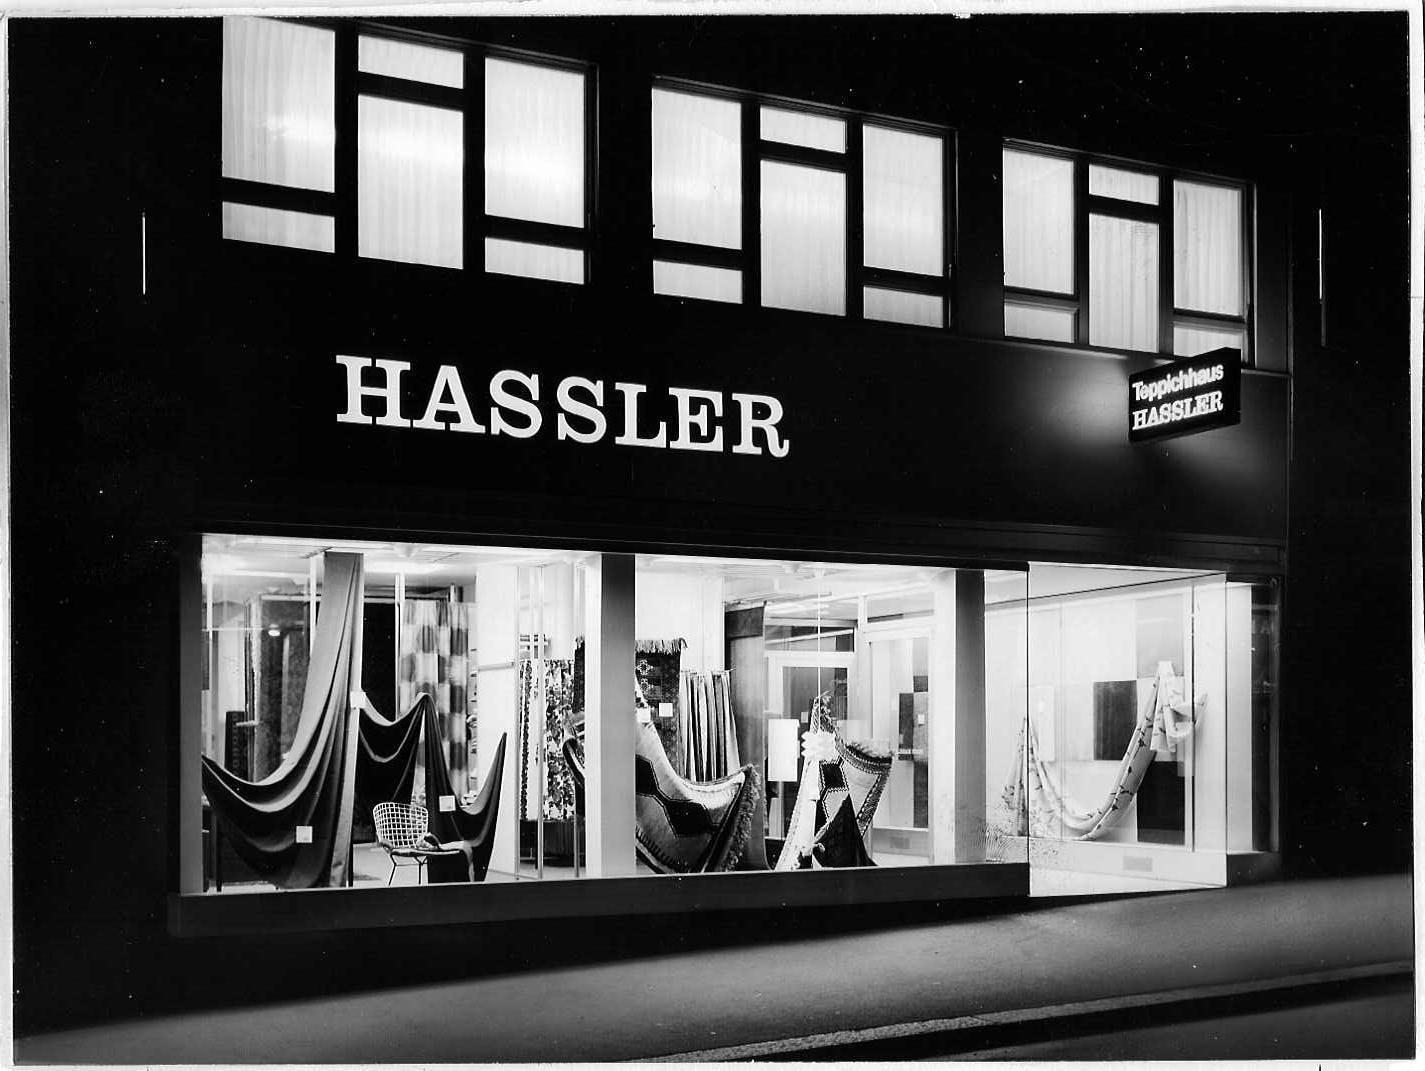 Hassler Gebäude Teppichhaus